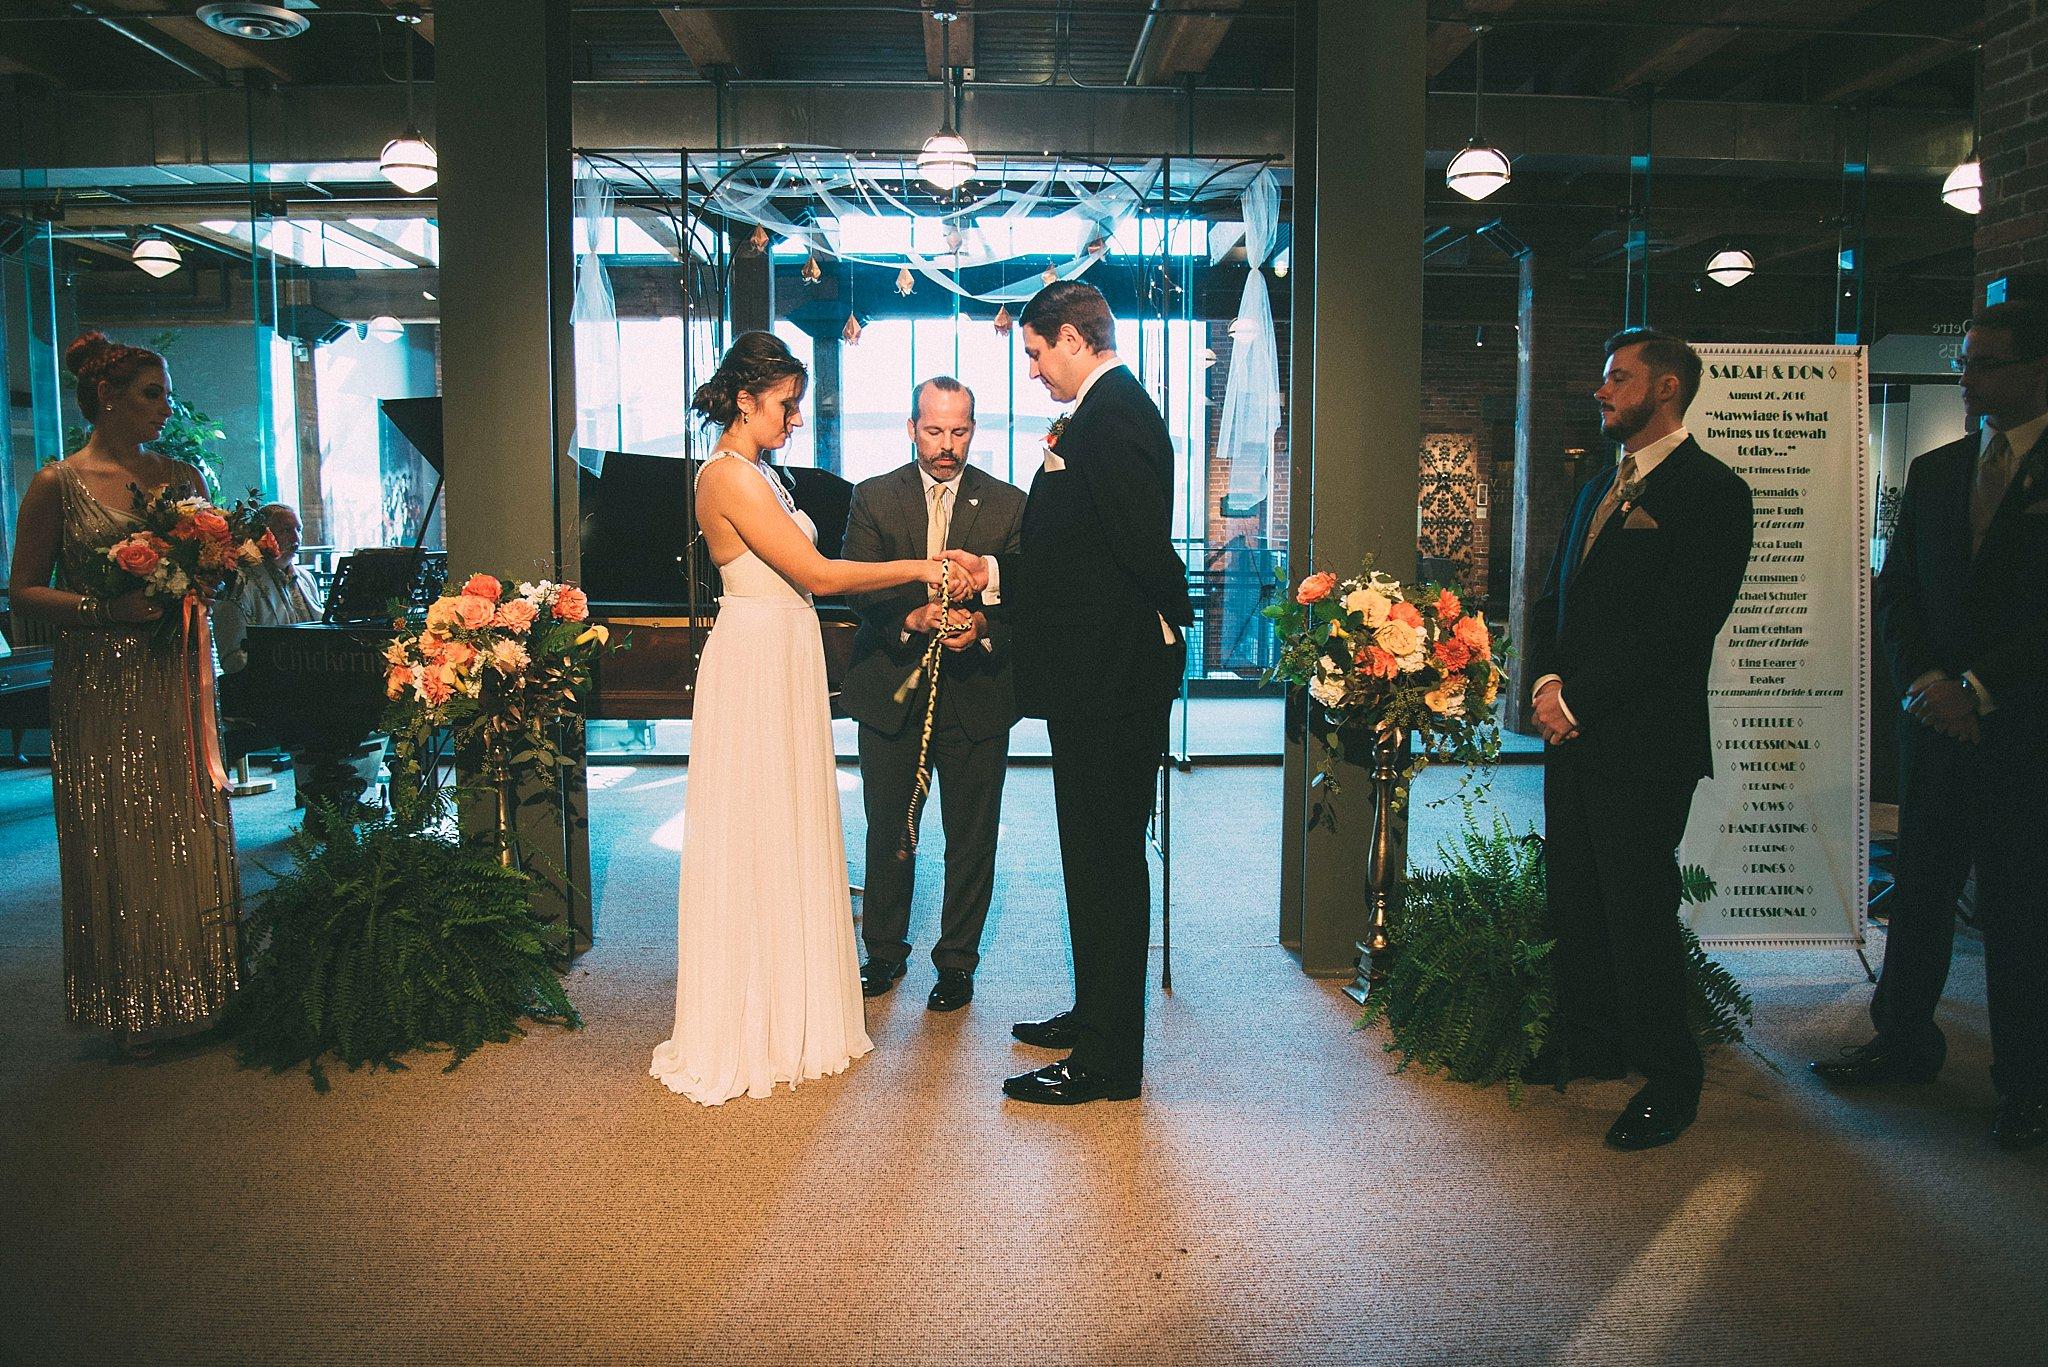 Heinz Museum Weddings